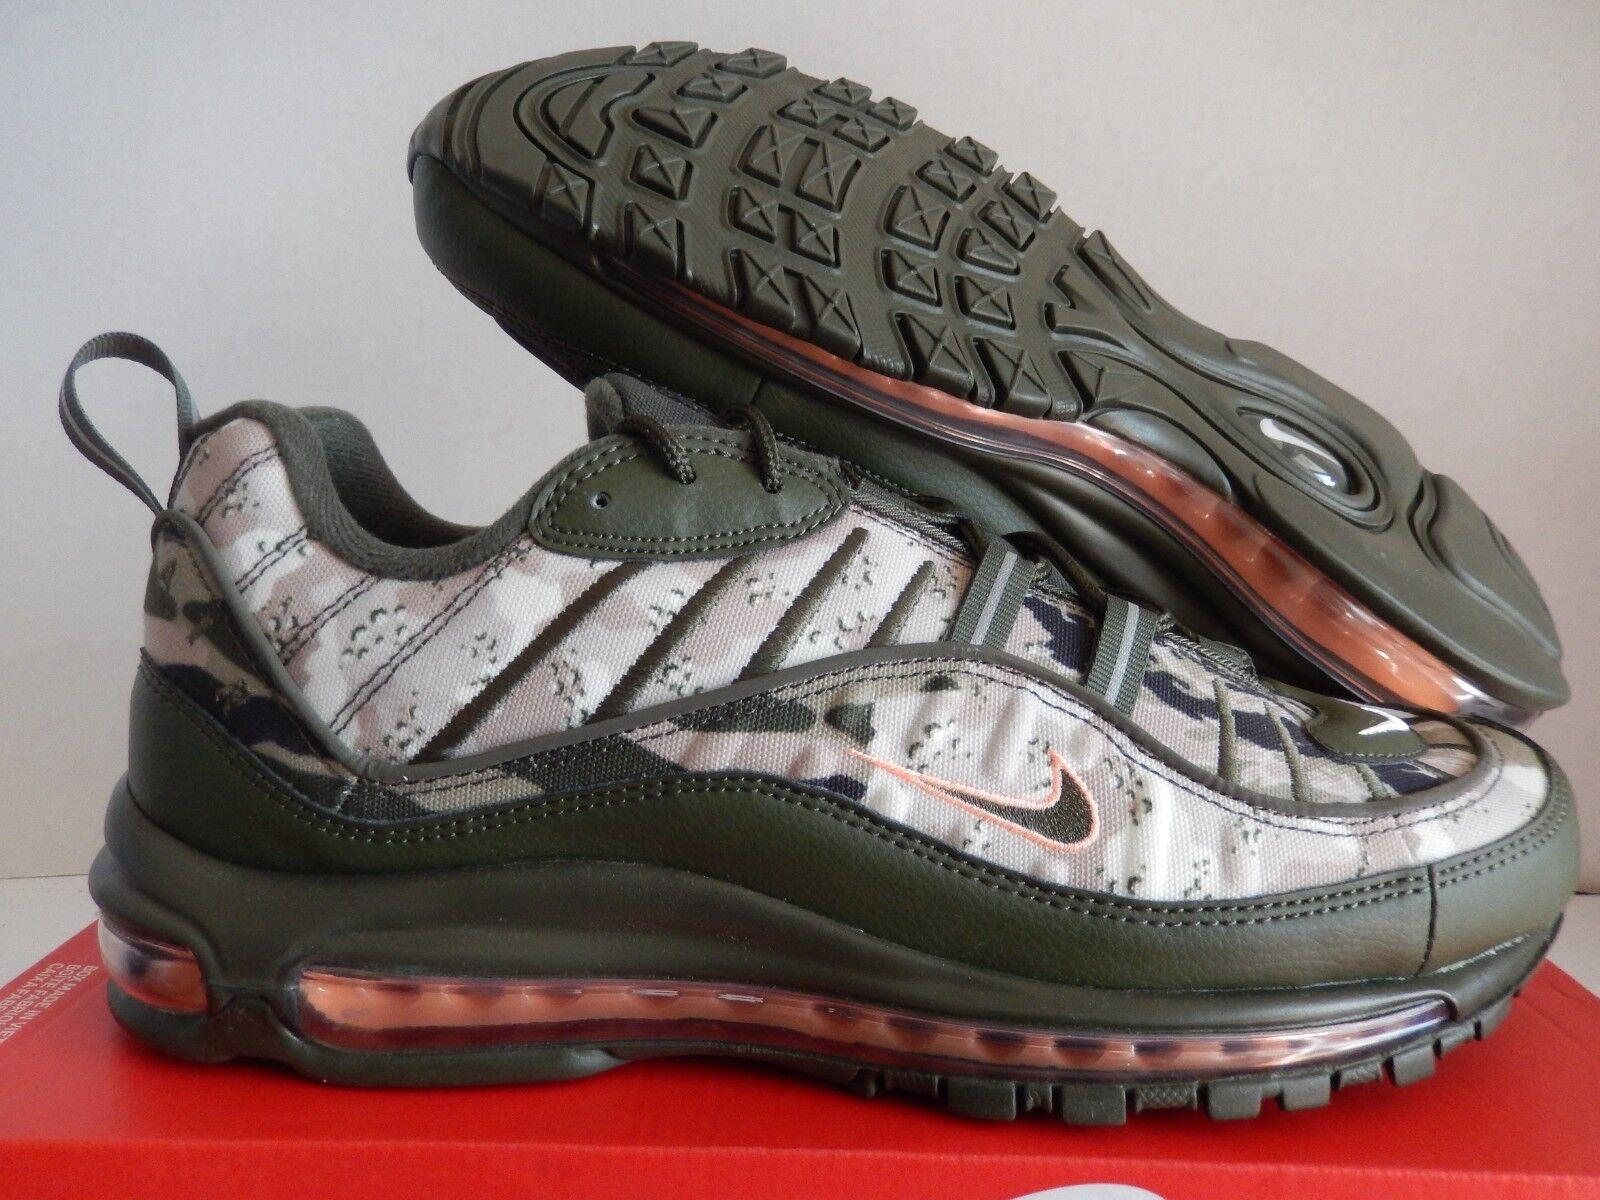 Nike Air Max 98 TinteNegro camuflaje CARGO KHAKISunset TinteNegro 98 [AQ6156300] 97ec90